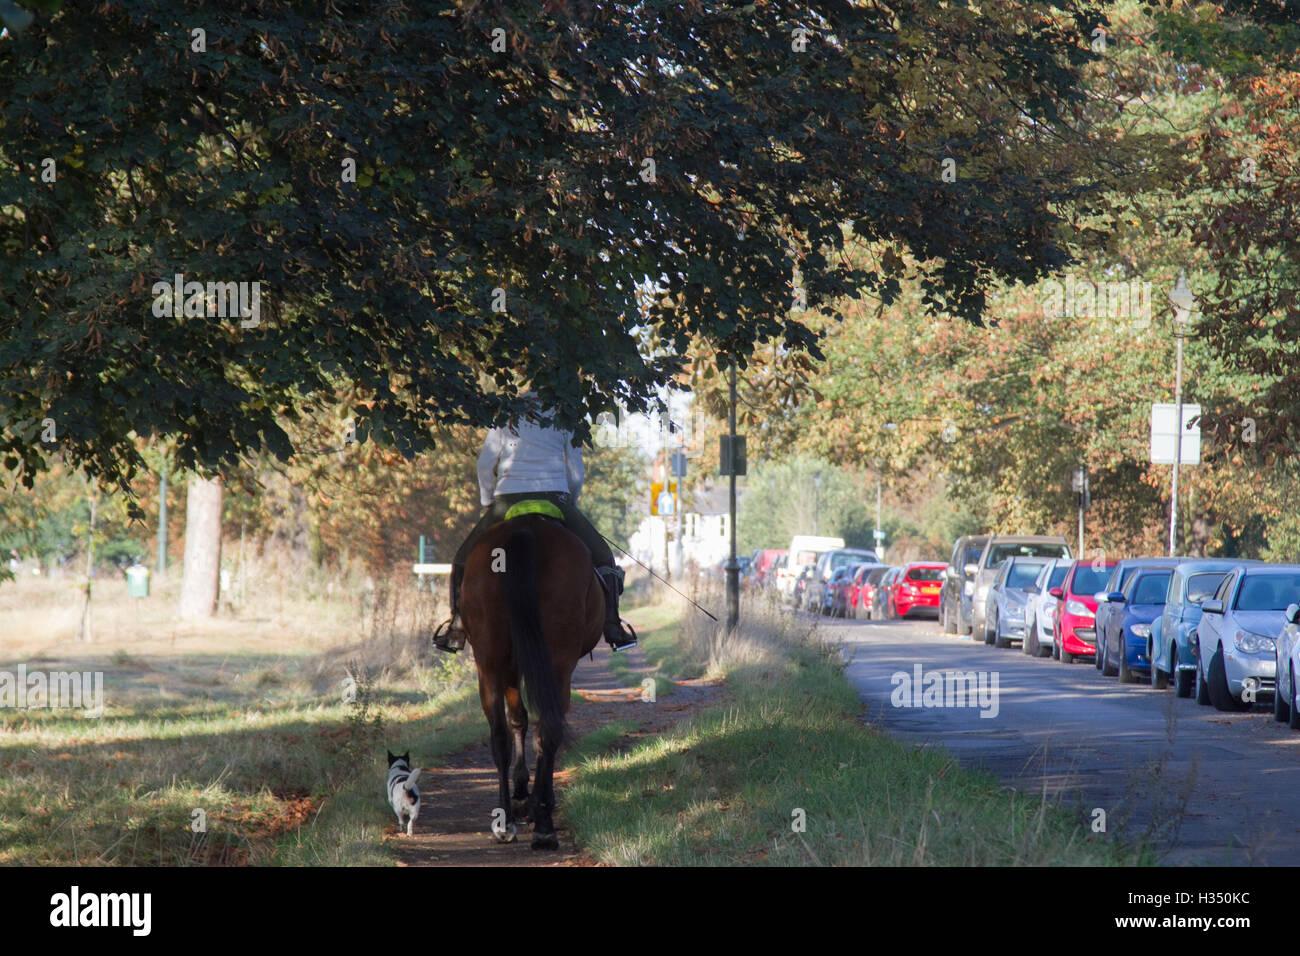 Wimbledon Londres, Royaume-Uni. 4e octobre 2016. Les cavaliers de l'écuries profitez d'équitation sur Wimbledon Wimbledon Common dans le soleil du matin d'automne: Crédit amer ghazzal/Alamy Live News Banque D'Images